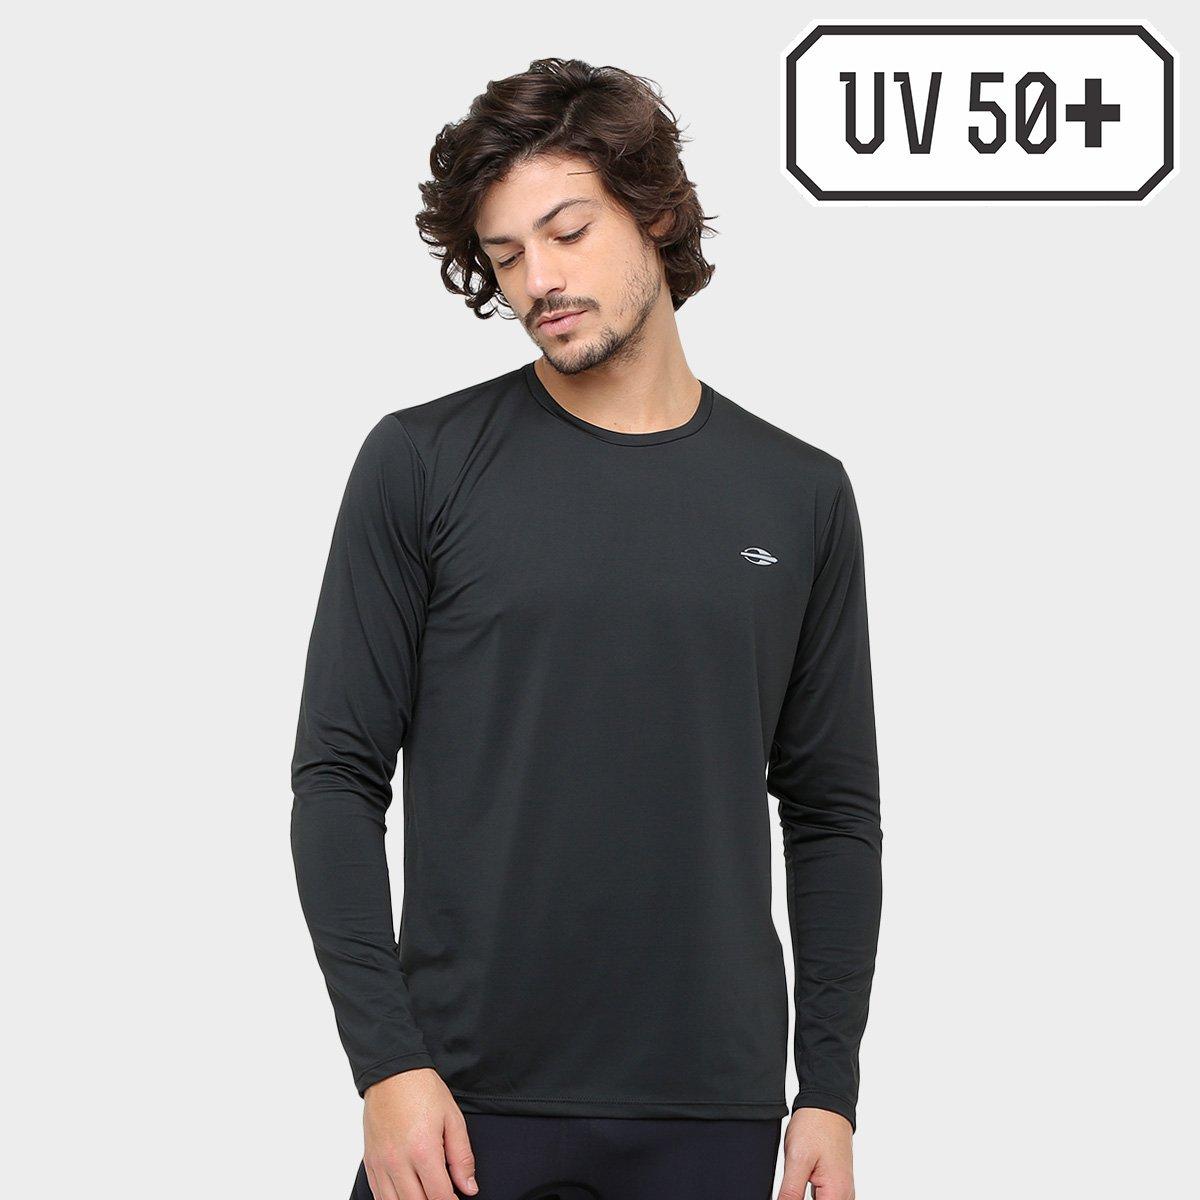 Camiseta Surf Mormaii Proteção UV 50+ Dry Action Masculina - Preto - Compre  Agora  56b2d42b385